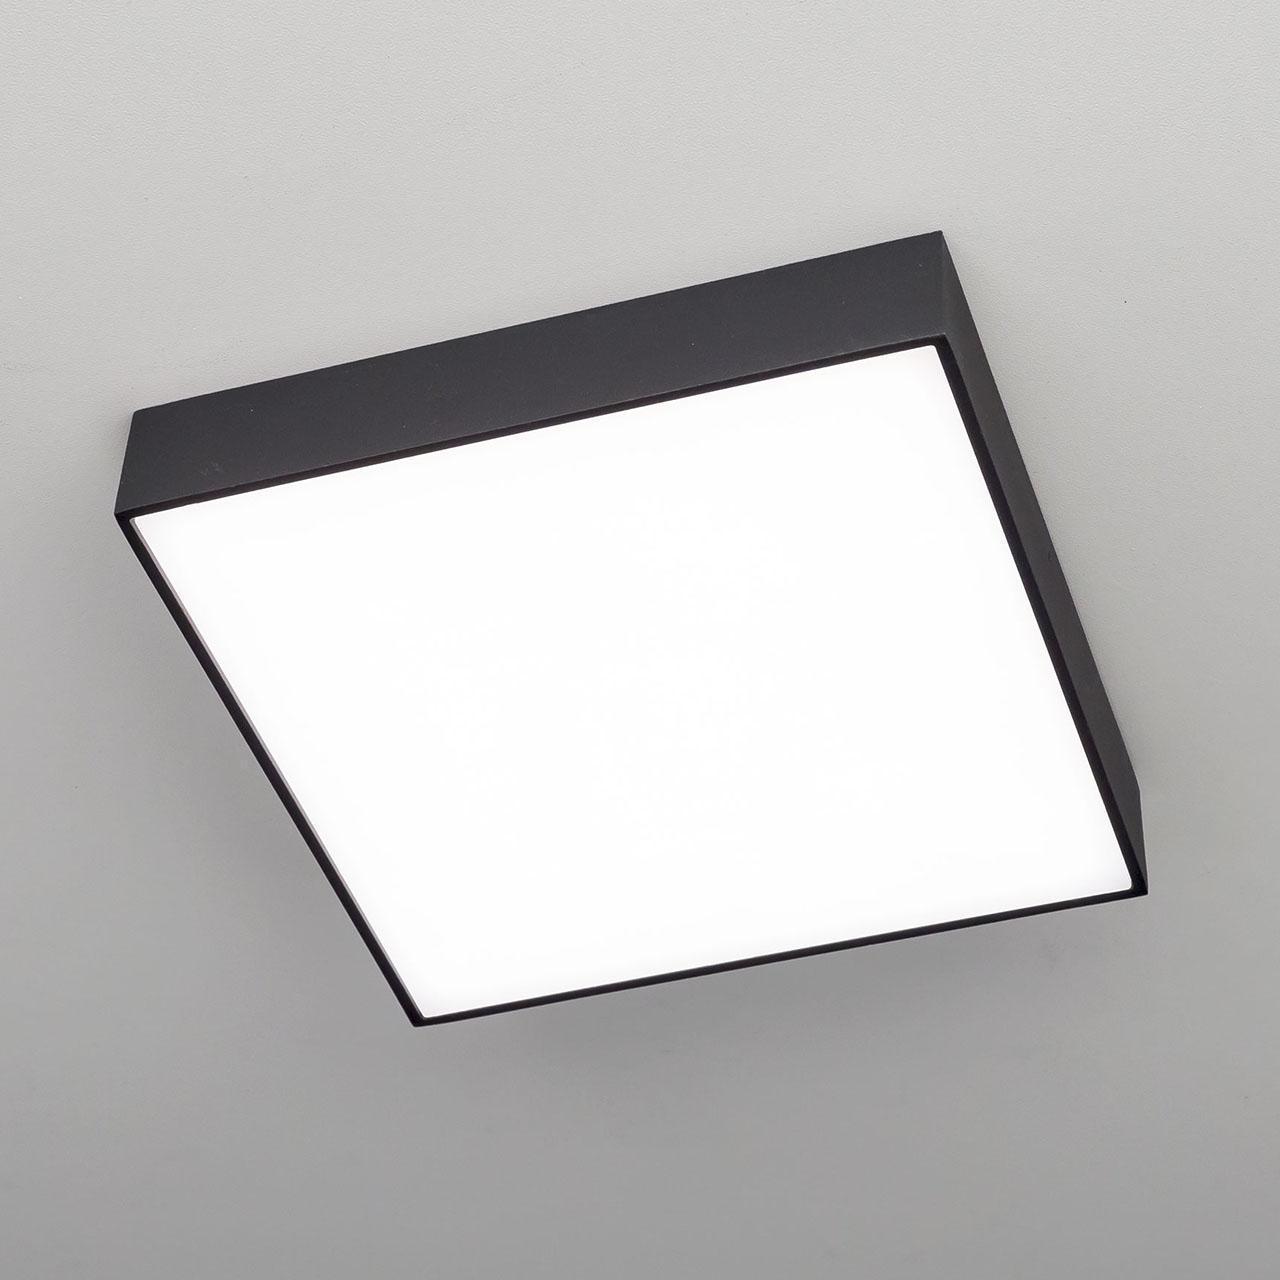 Потолочный светодиодный светильник Citilux Тао CL712K242 потолочный светодиодный светильник citilux тао cl712k242